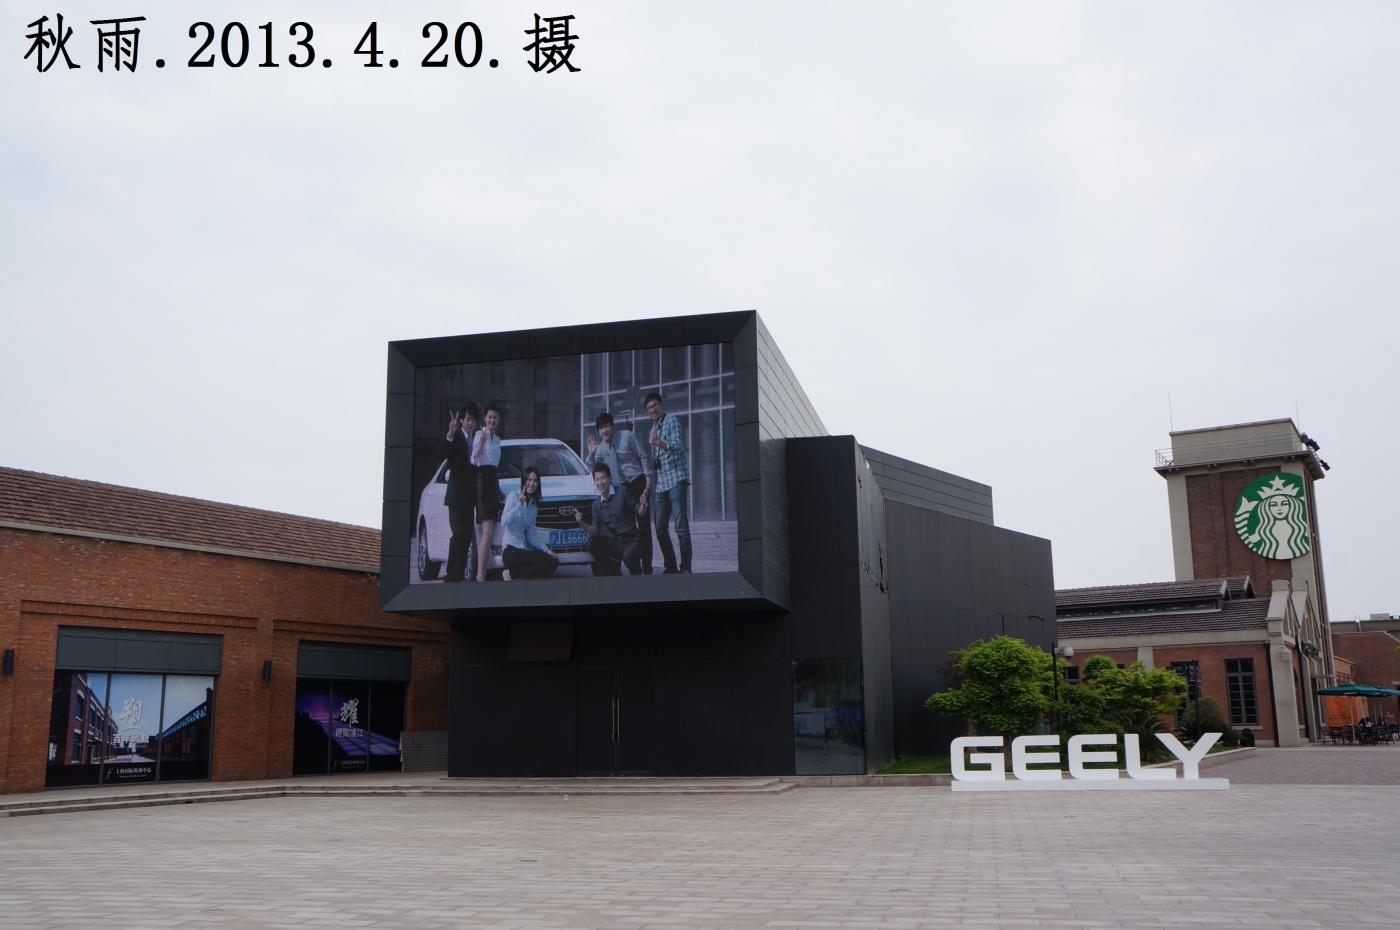 上海国际时尚中心,原国棉十七厂旧址(1),修旧如旧。摄影原创。 ..._图1-5